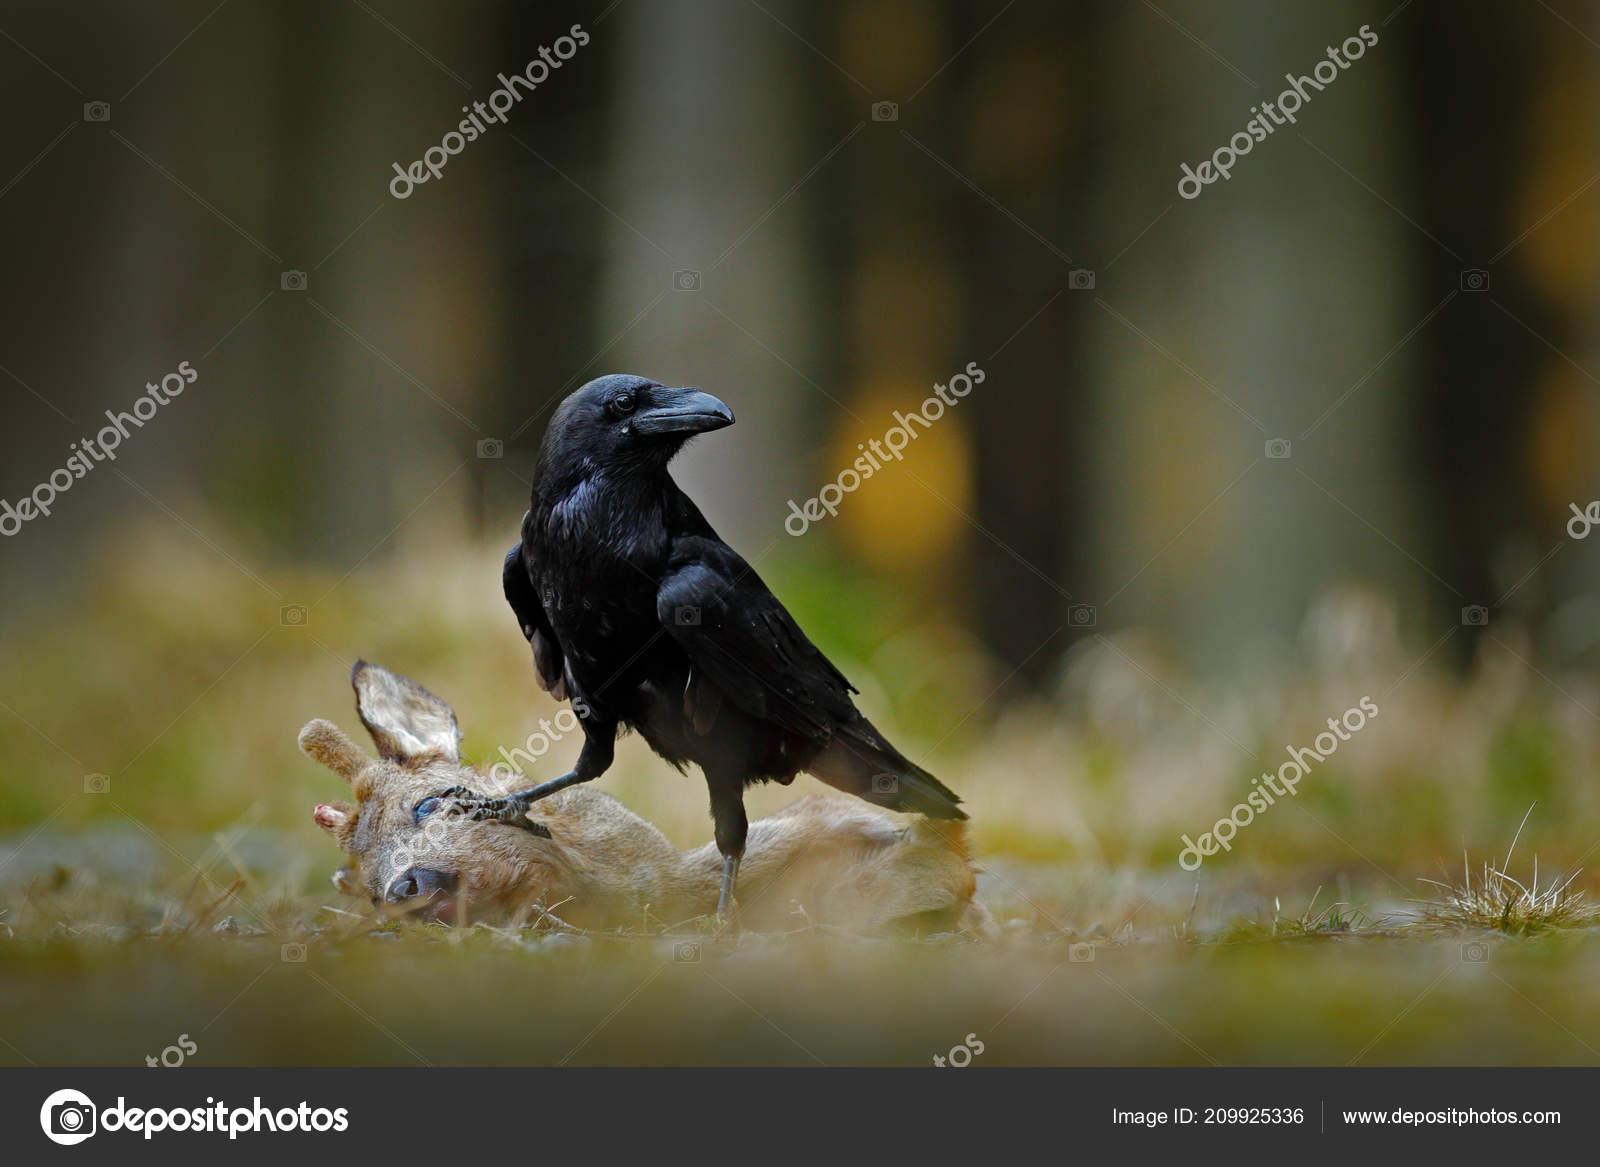 μεγάλο πουλί στα Ισπανικά